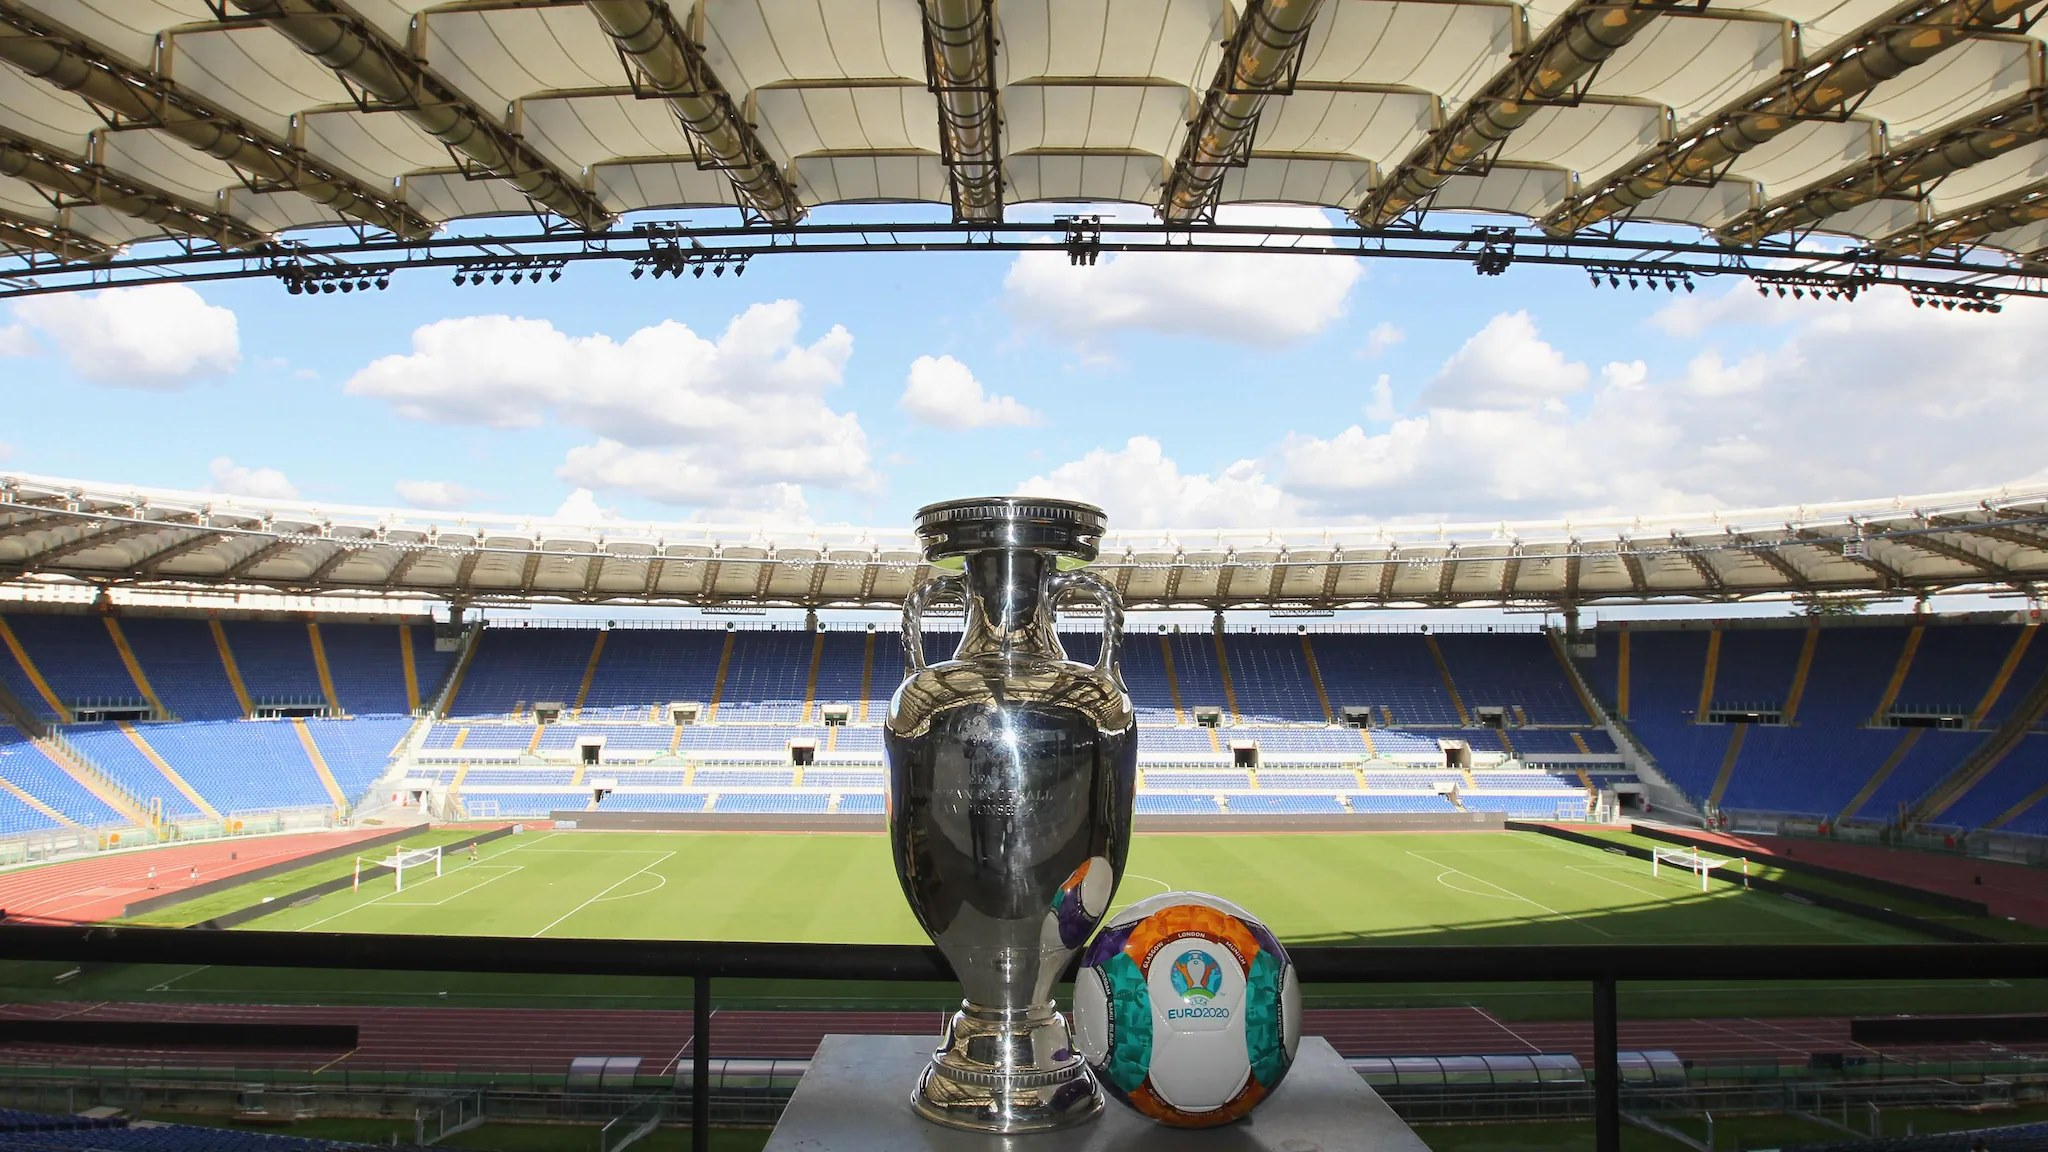 كأس أوروبا: قواعد، تبديلات، إيقاف، مستجدات وجوائز